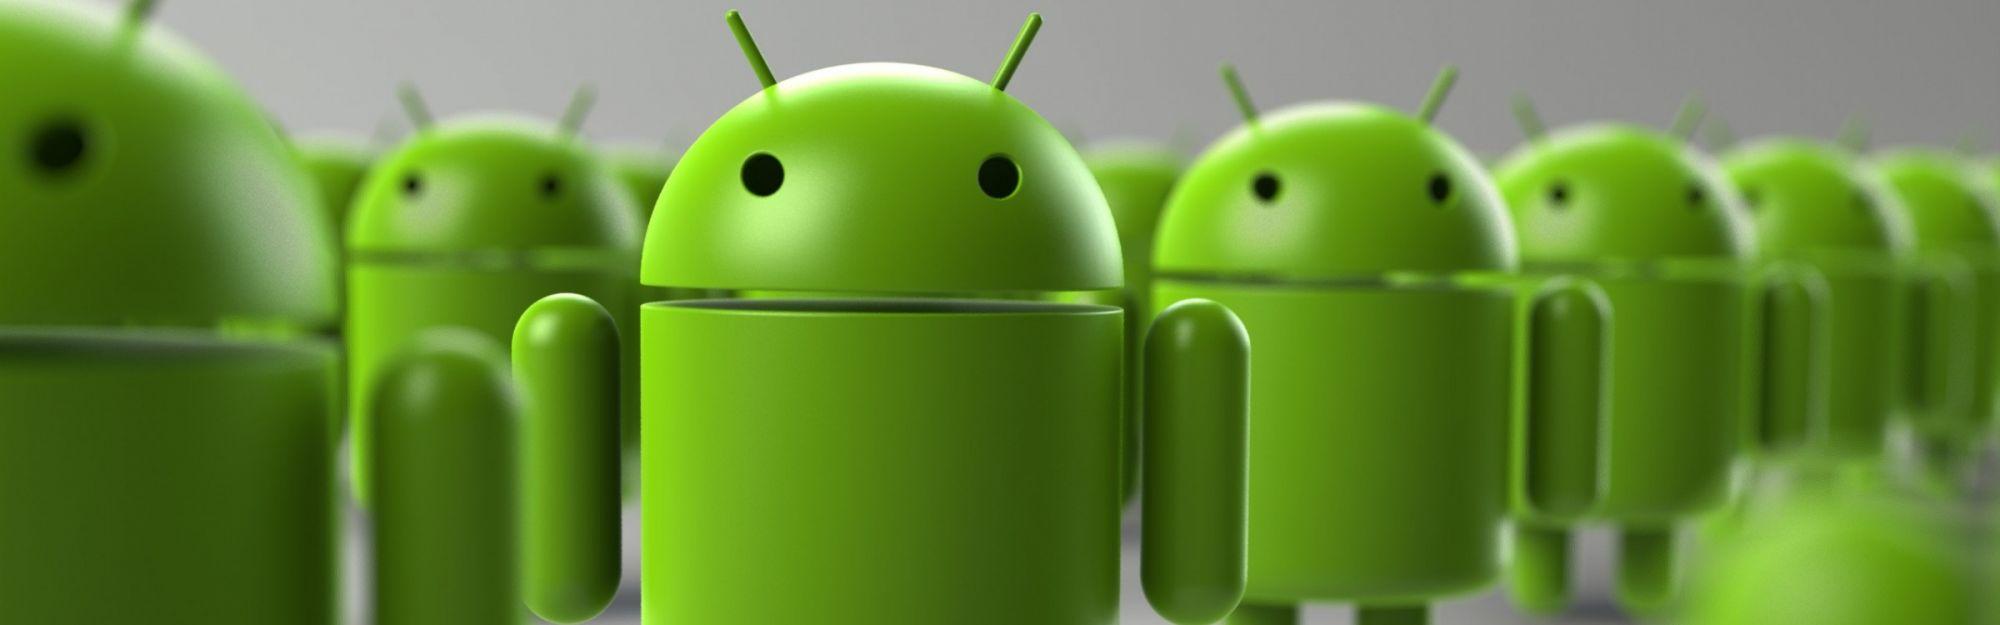 Wie mache ich mein Android-Smartphone sicherer?